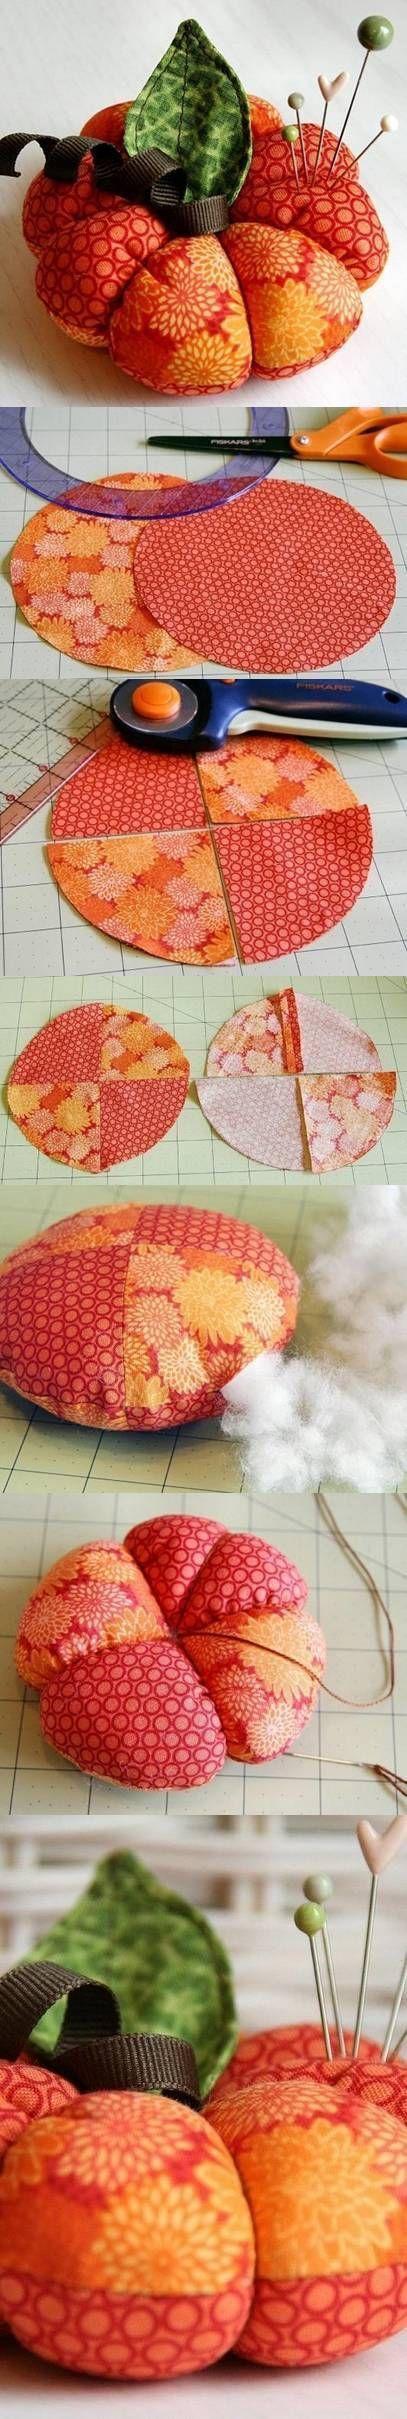 DIY Cute Pumpkin Pincushion Craft | Todo Utilitario textil ...